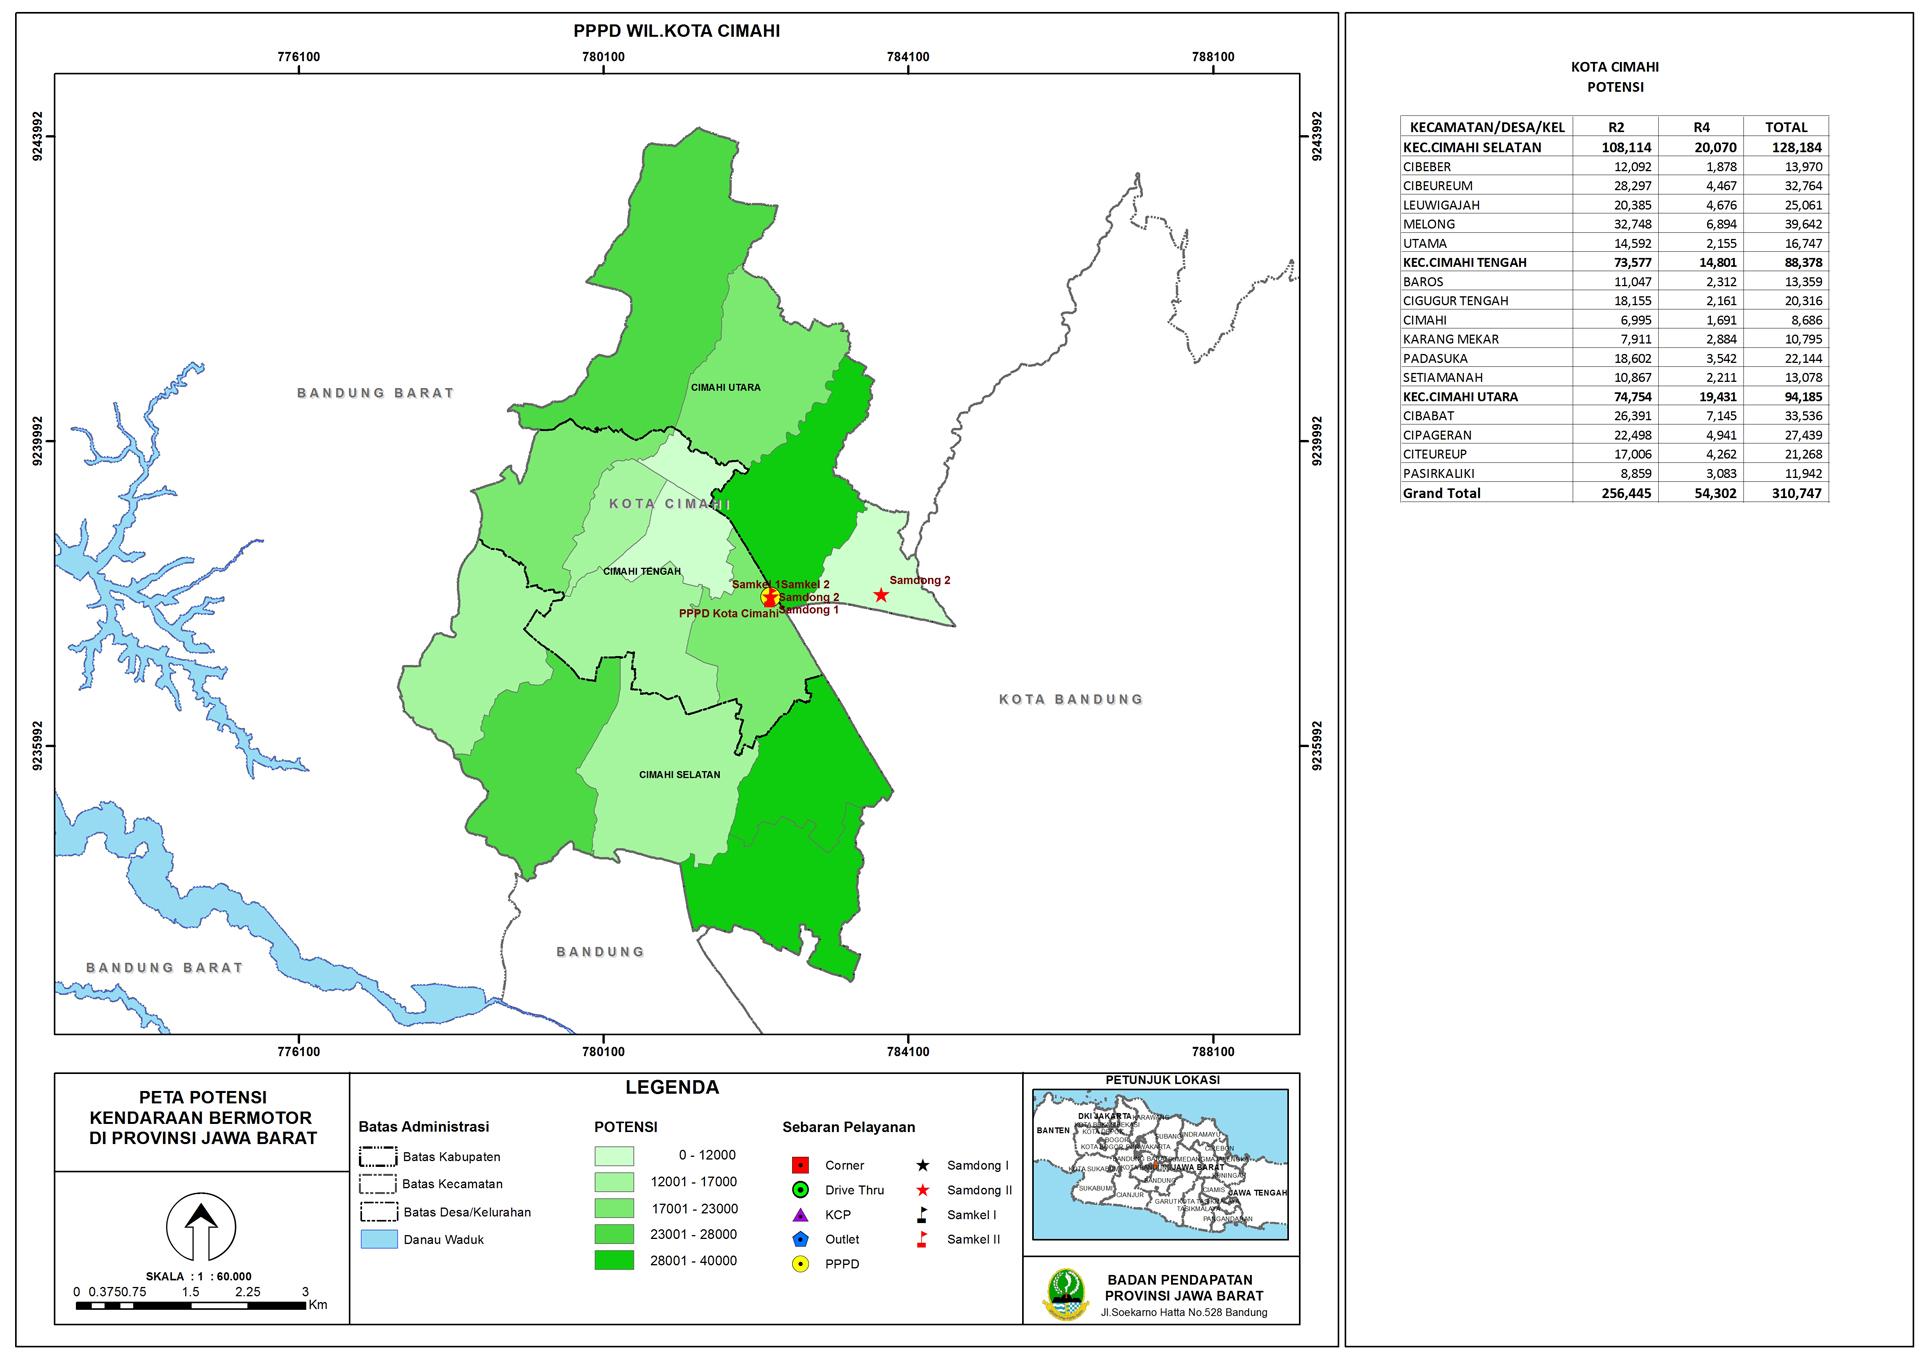 Peta Potensi Kendaraan Bermotor Cabang Kota Cimahi ...